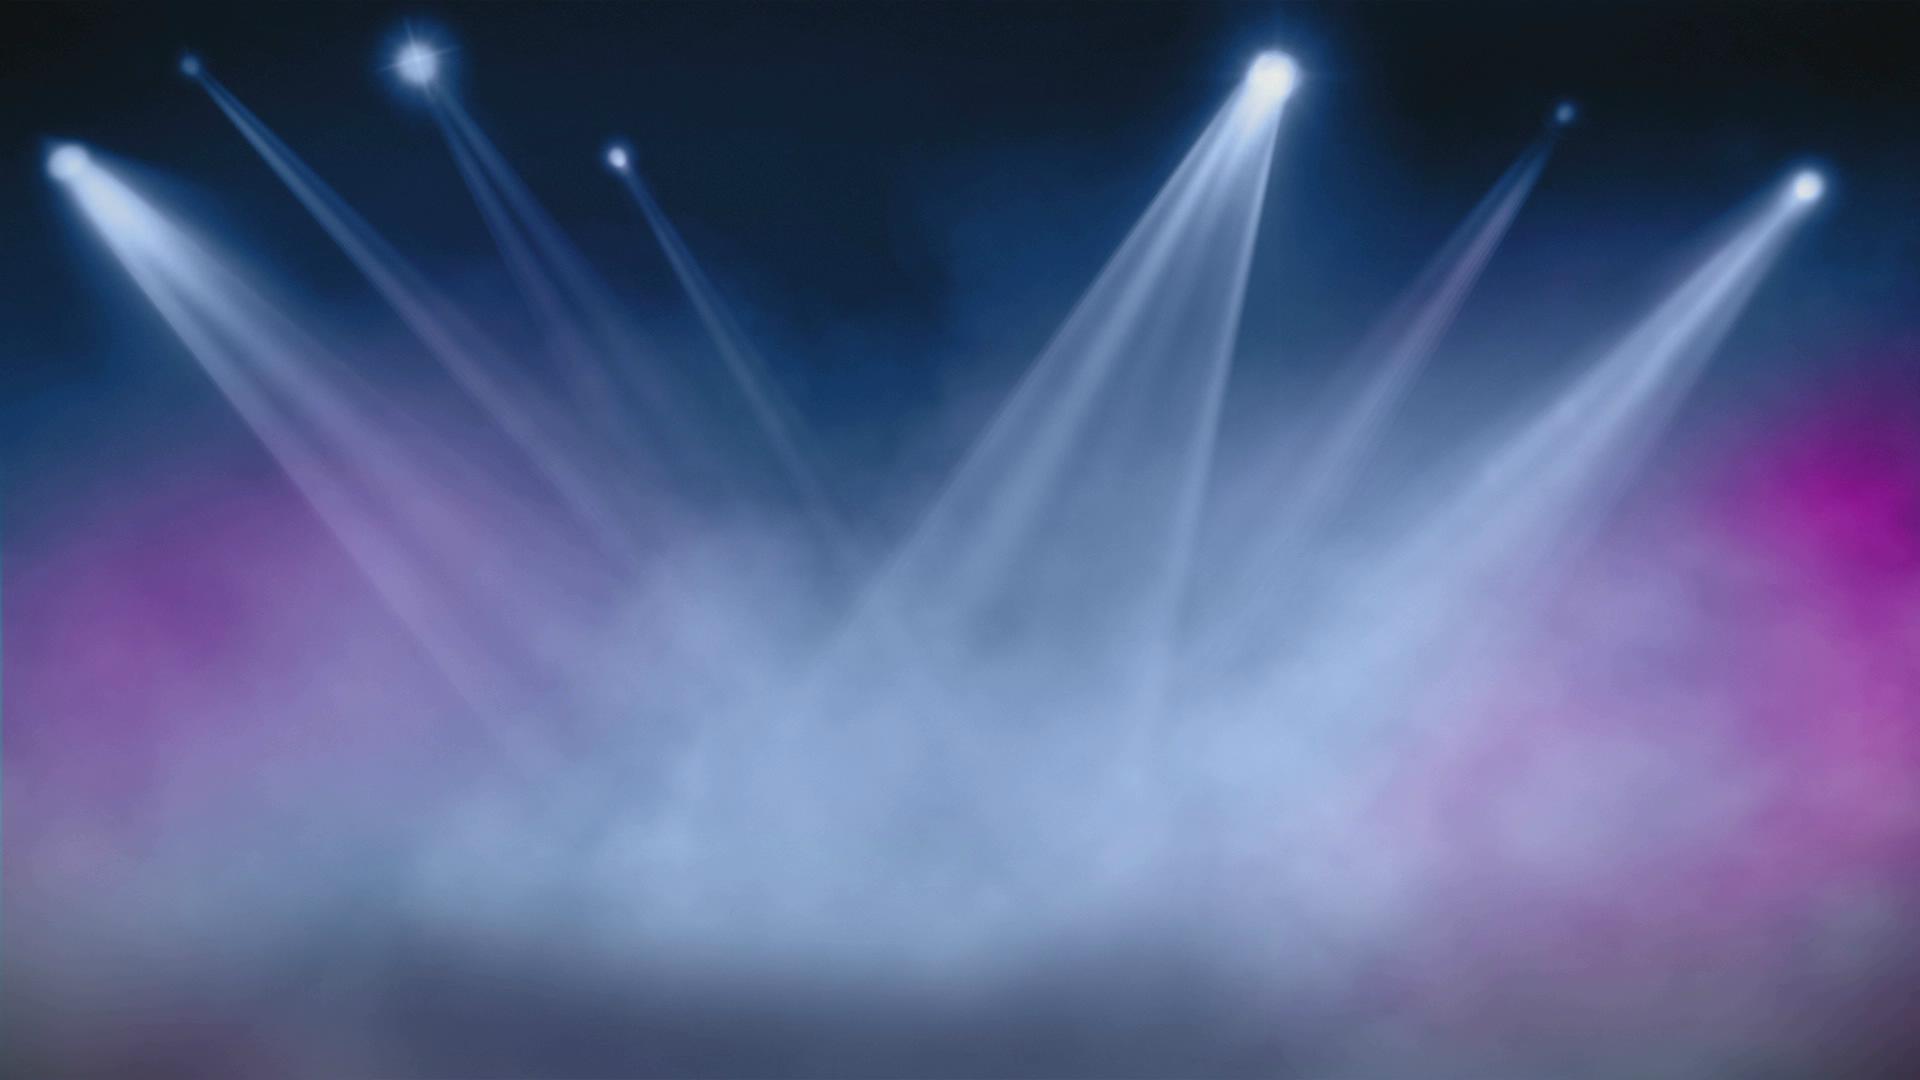 绿色烟雾 绿水青山 自然生态朦胧 烟雾缭绕上升舞台背景